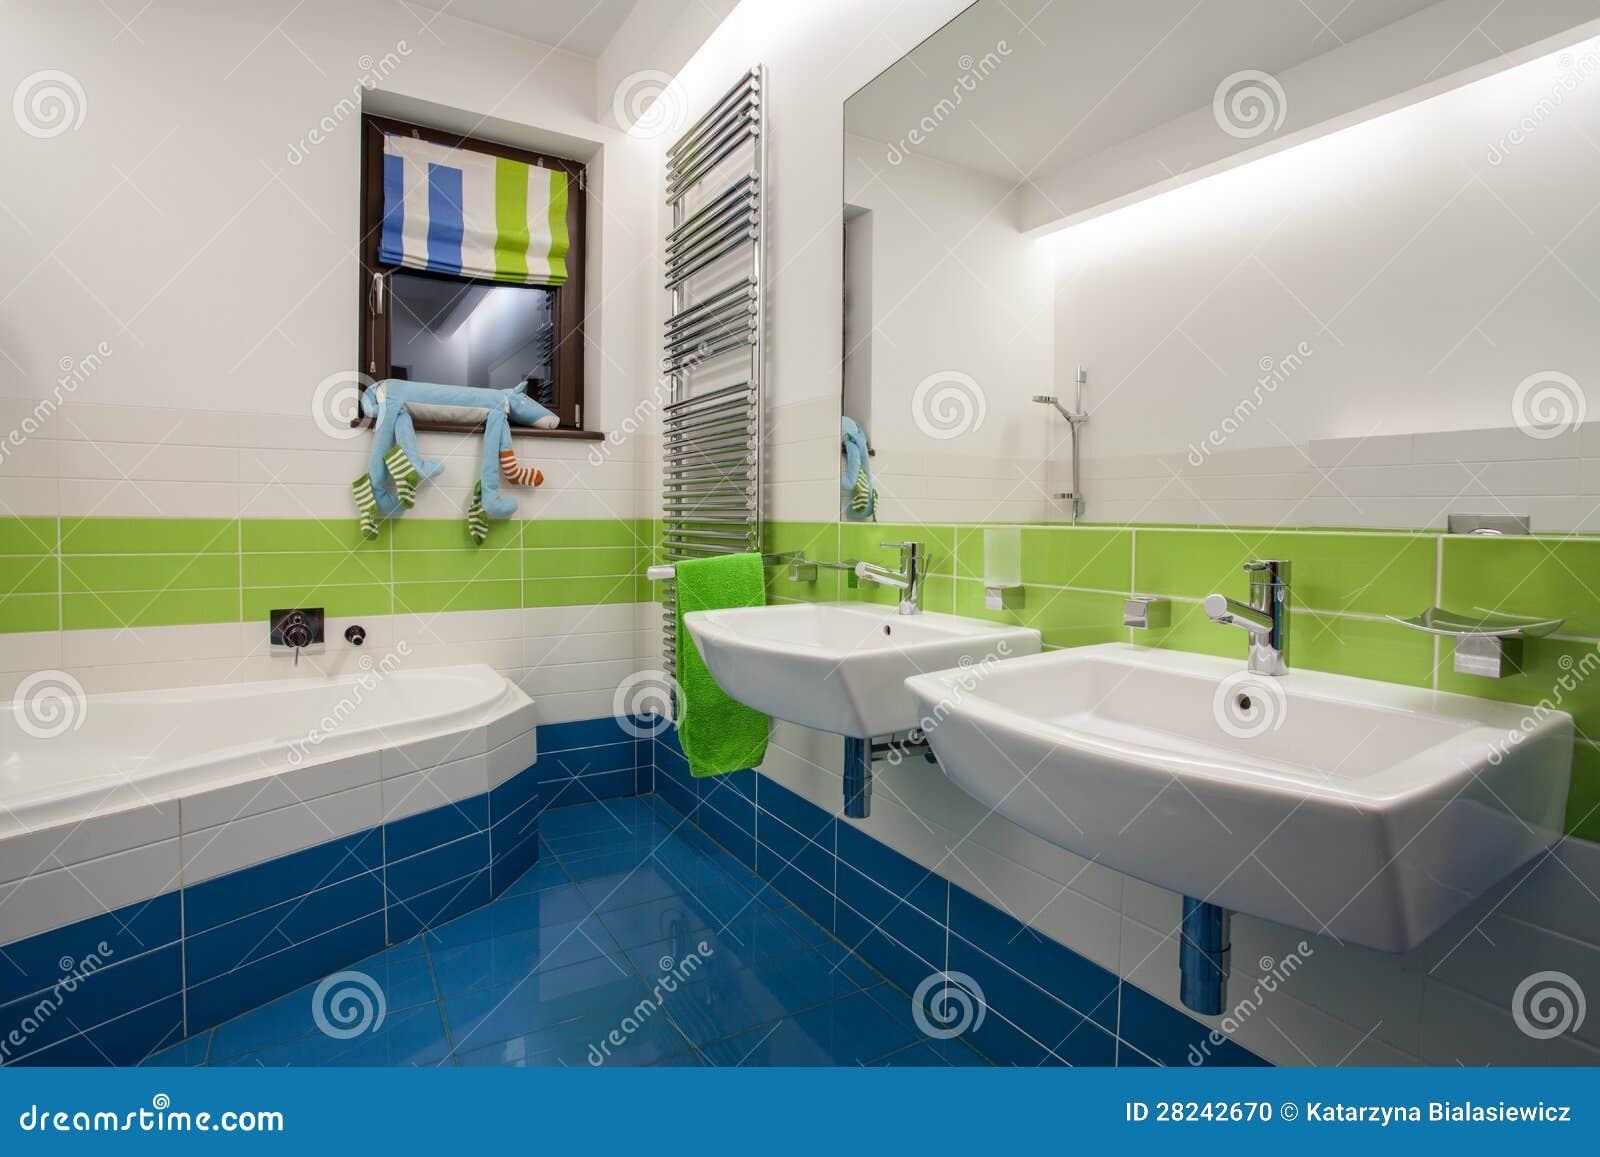 Trawertynu Dom Kolorowa łazienka Zdjęcie Stock Obraz